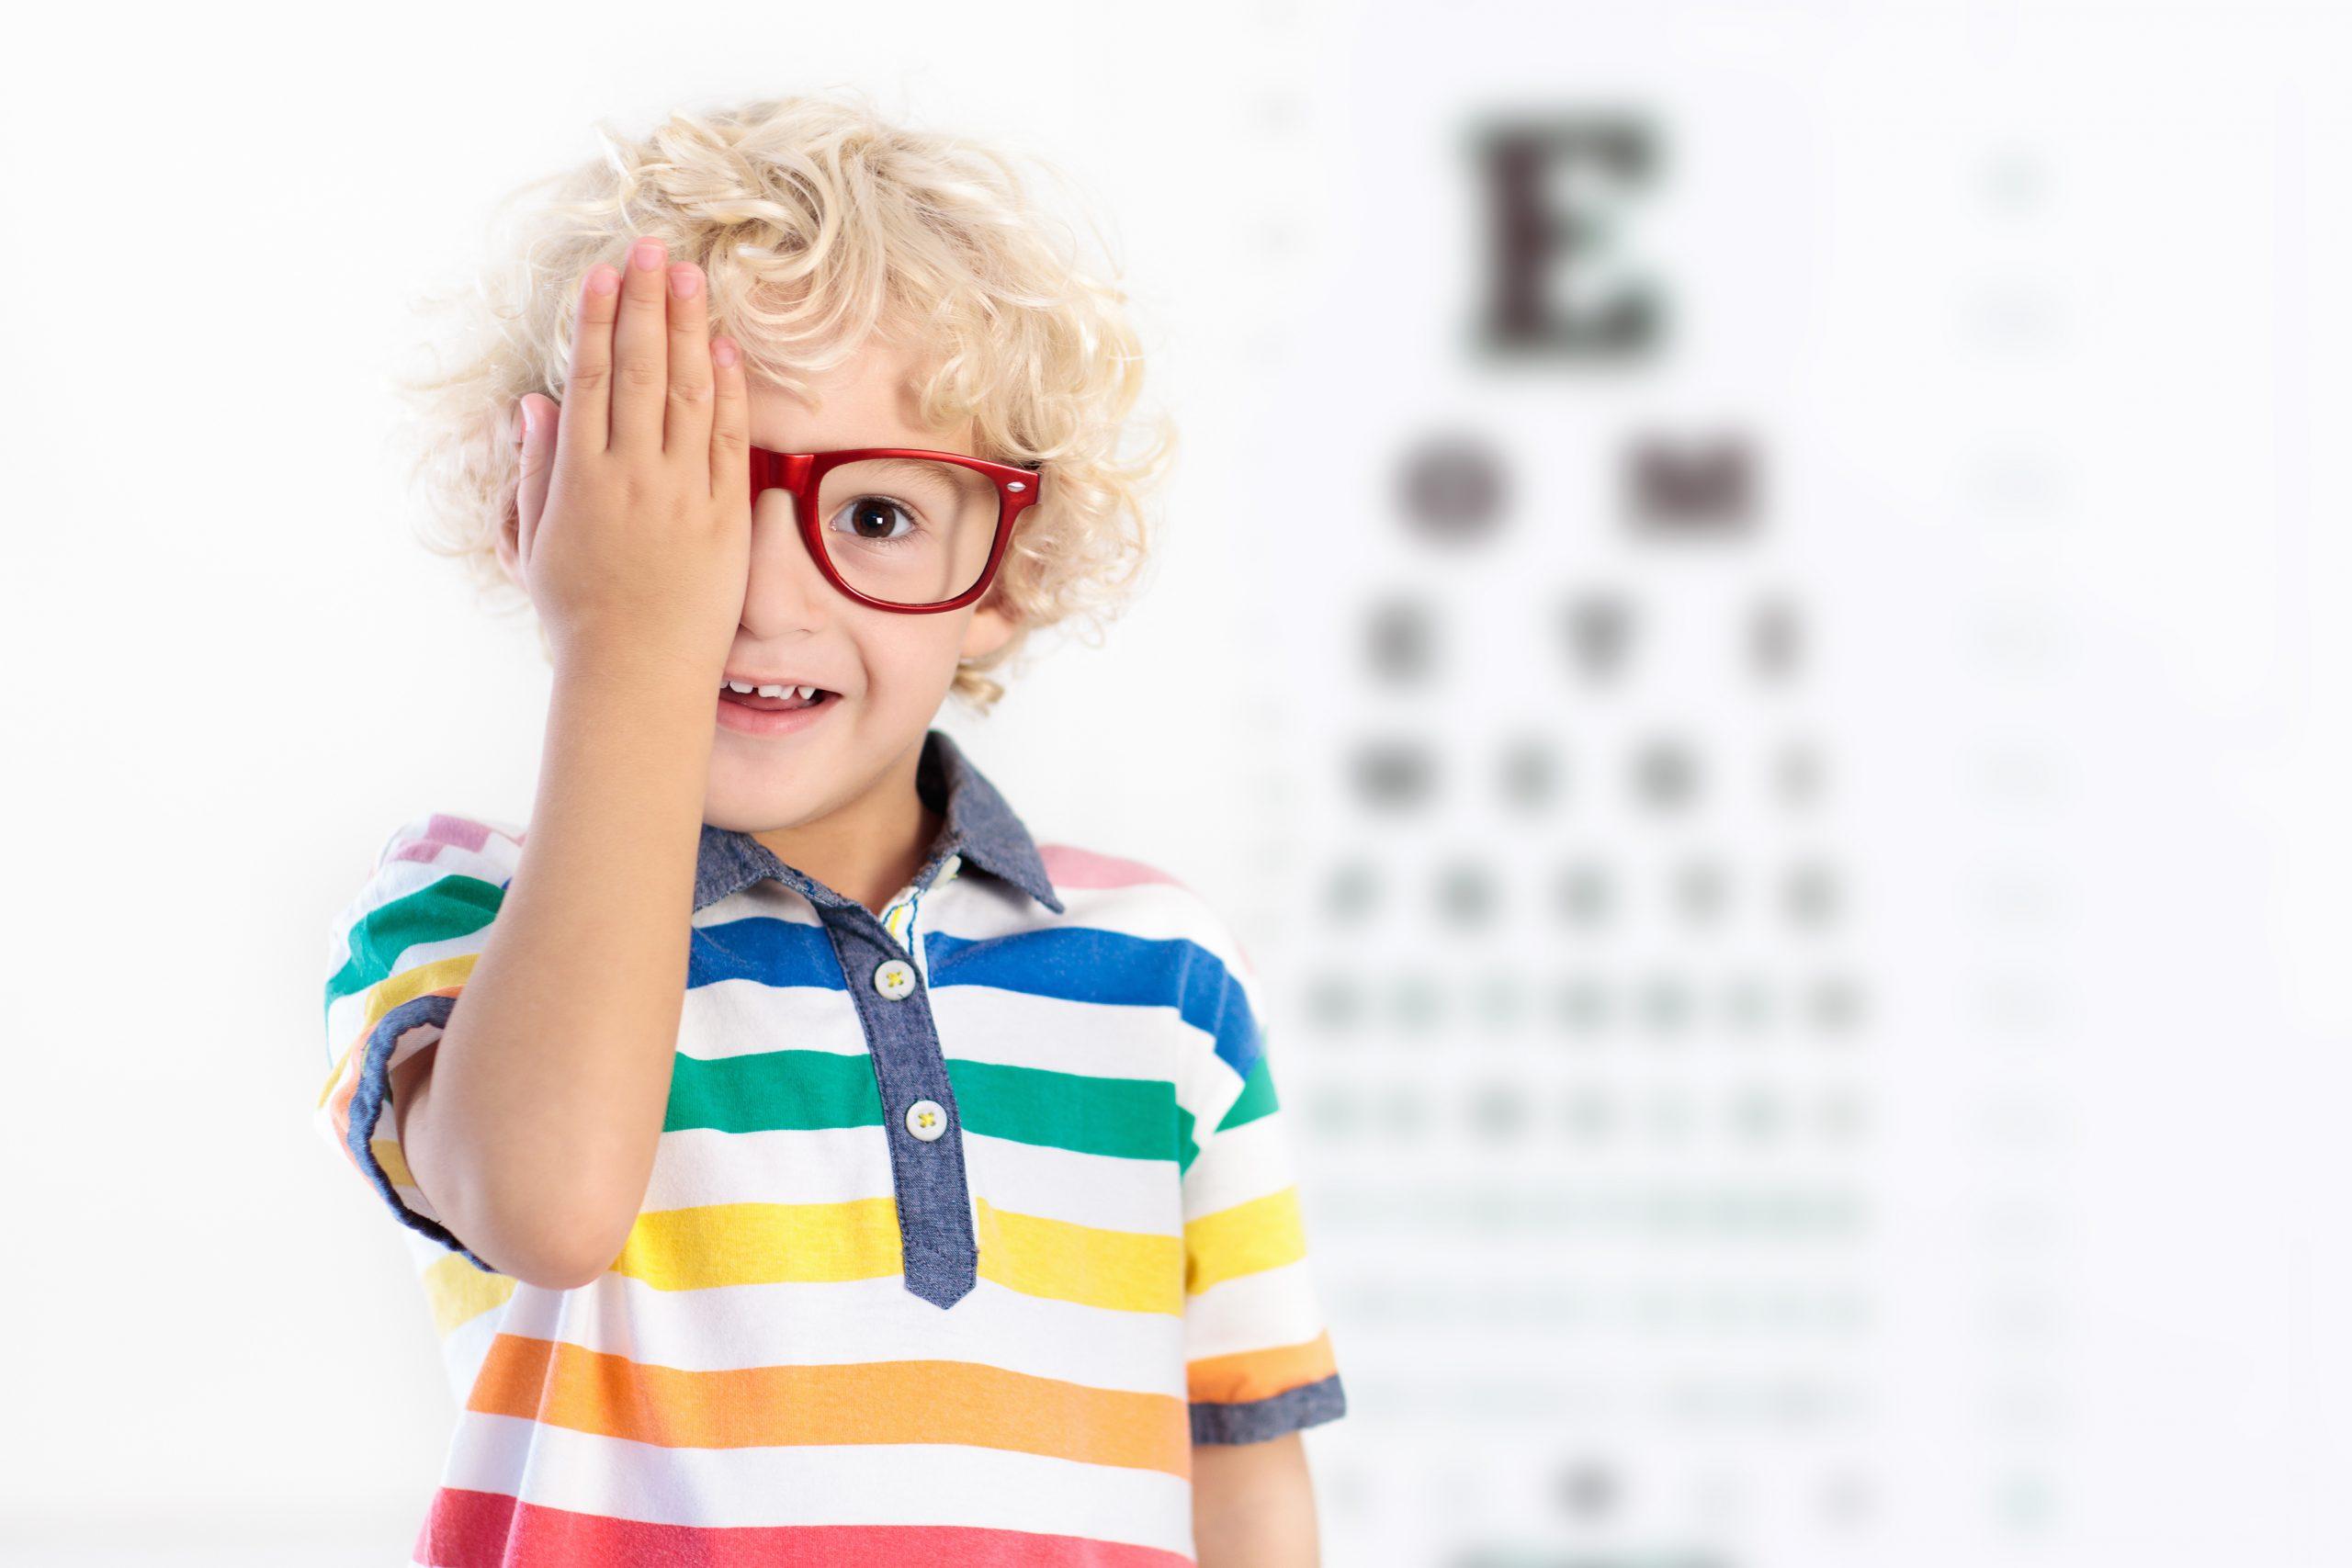 Criança a fazer teste para os olhos